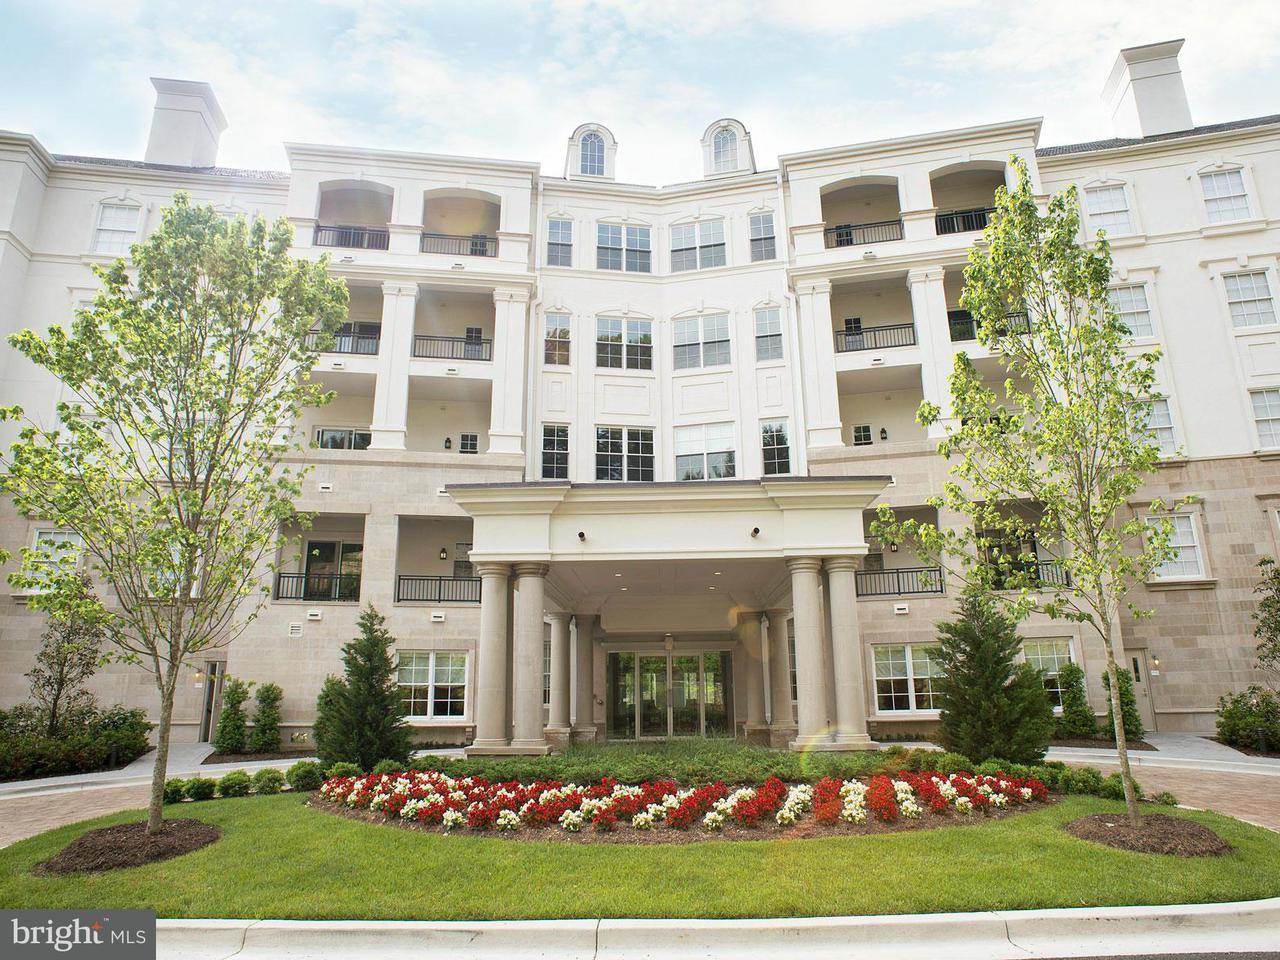 独户住宅 为 销售 在 8111 RIVER RD #144 8111 RIVER RD #144 贝塞斯达, 马里兰州 20817 美国